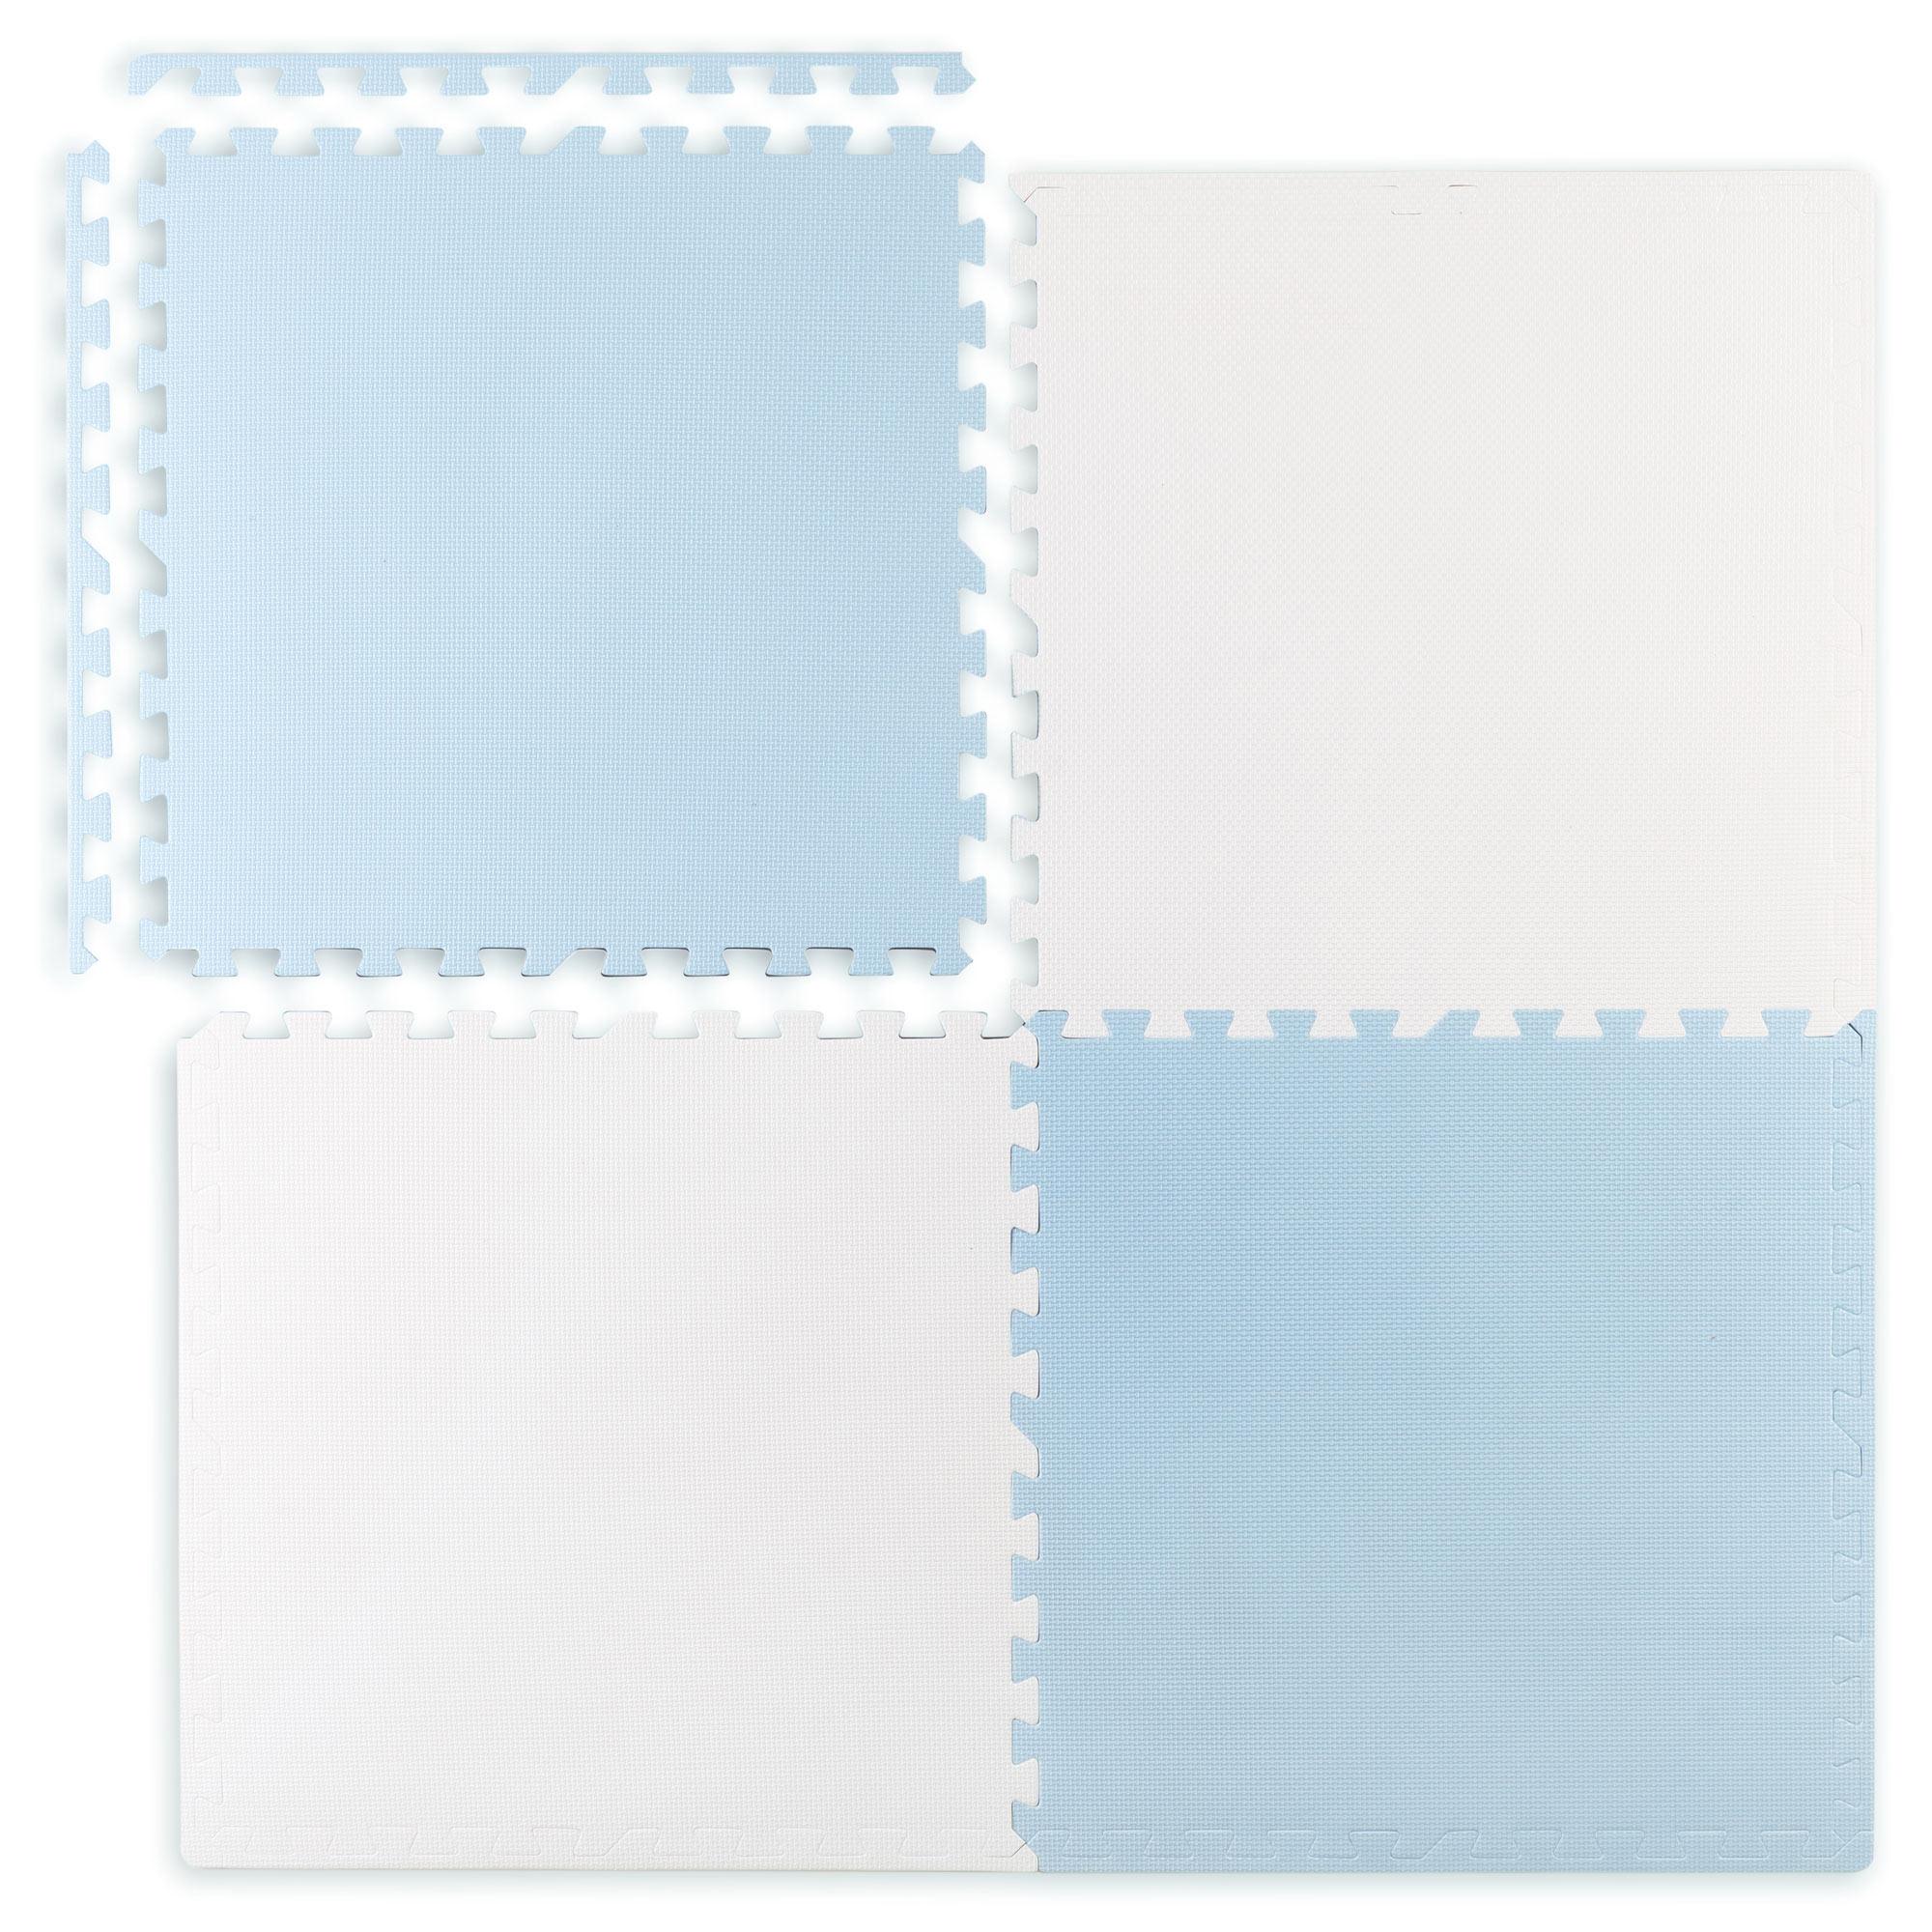 Duża mata piankowa edukacyjna puzzle Ricokids niebiesko biała